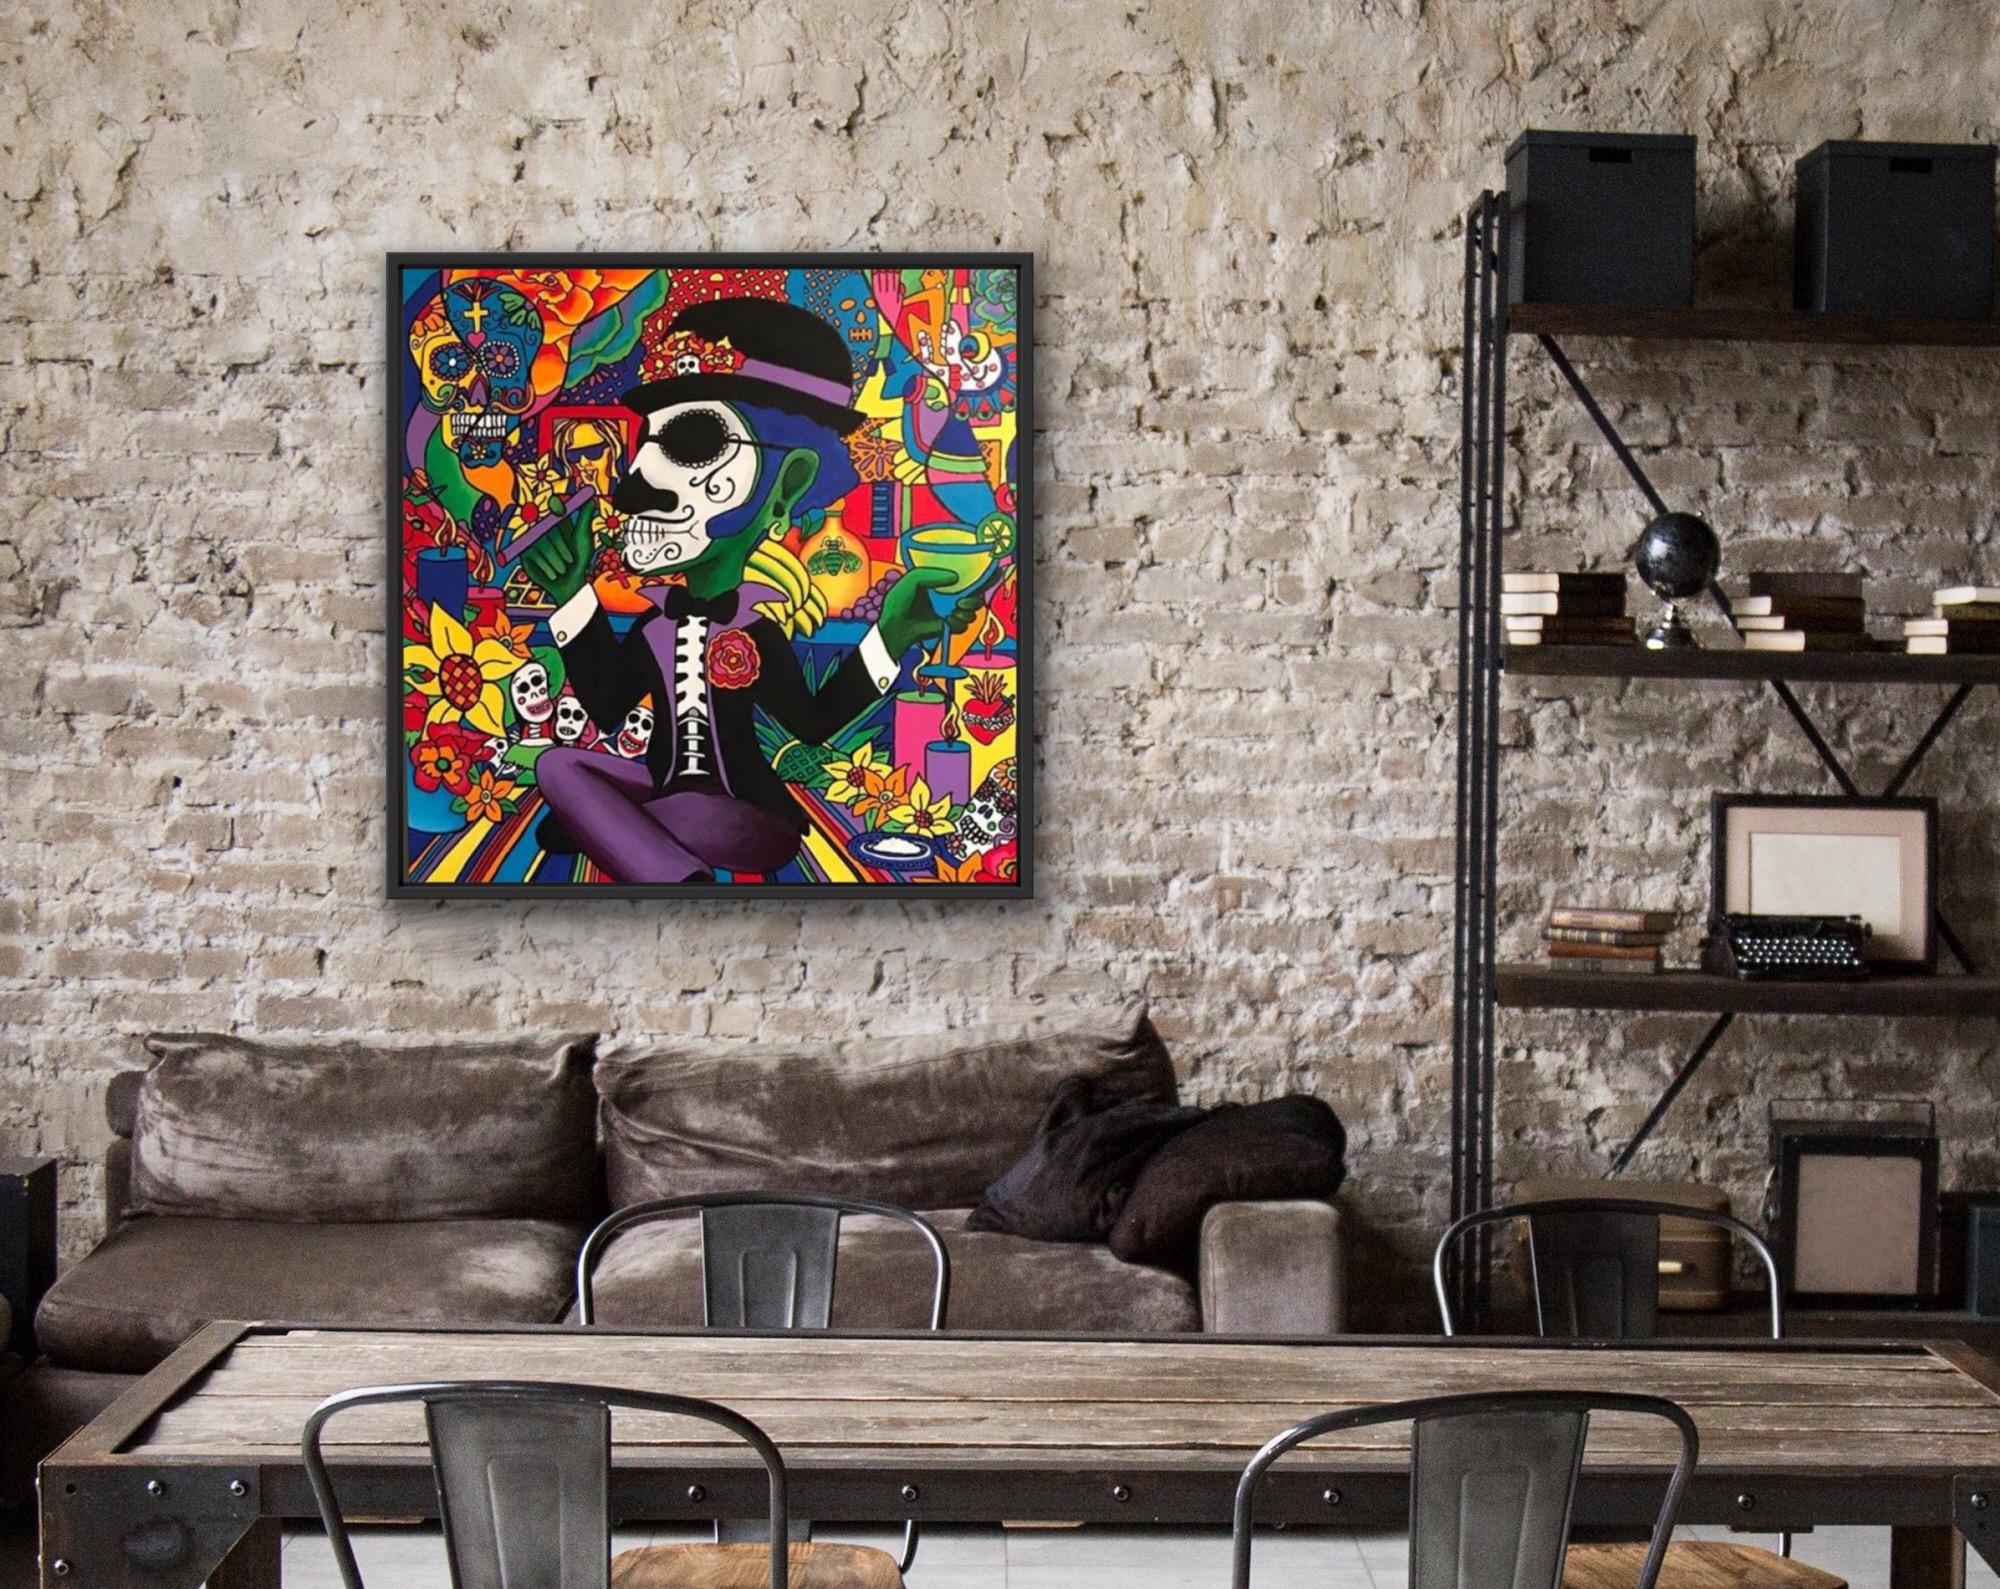 Froman y los Muertos by Amanda Stavast | ArtworkNetwork.com